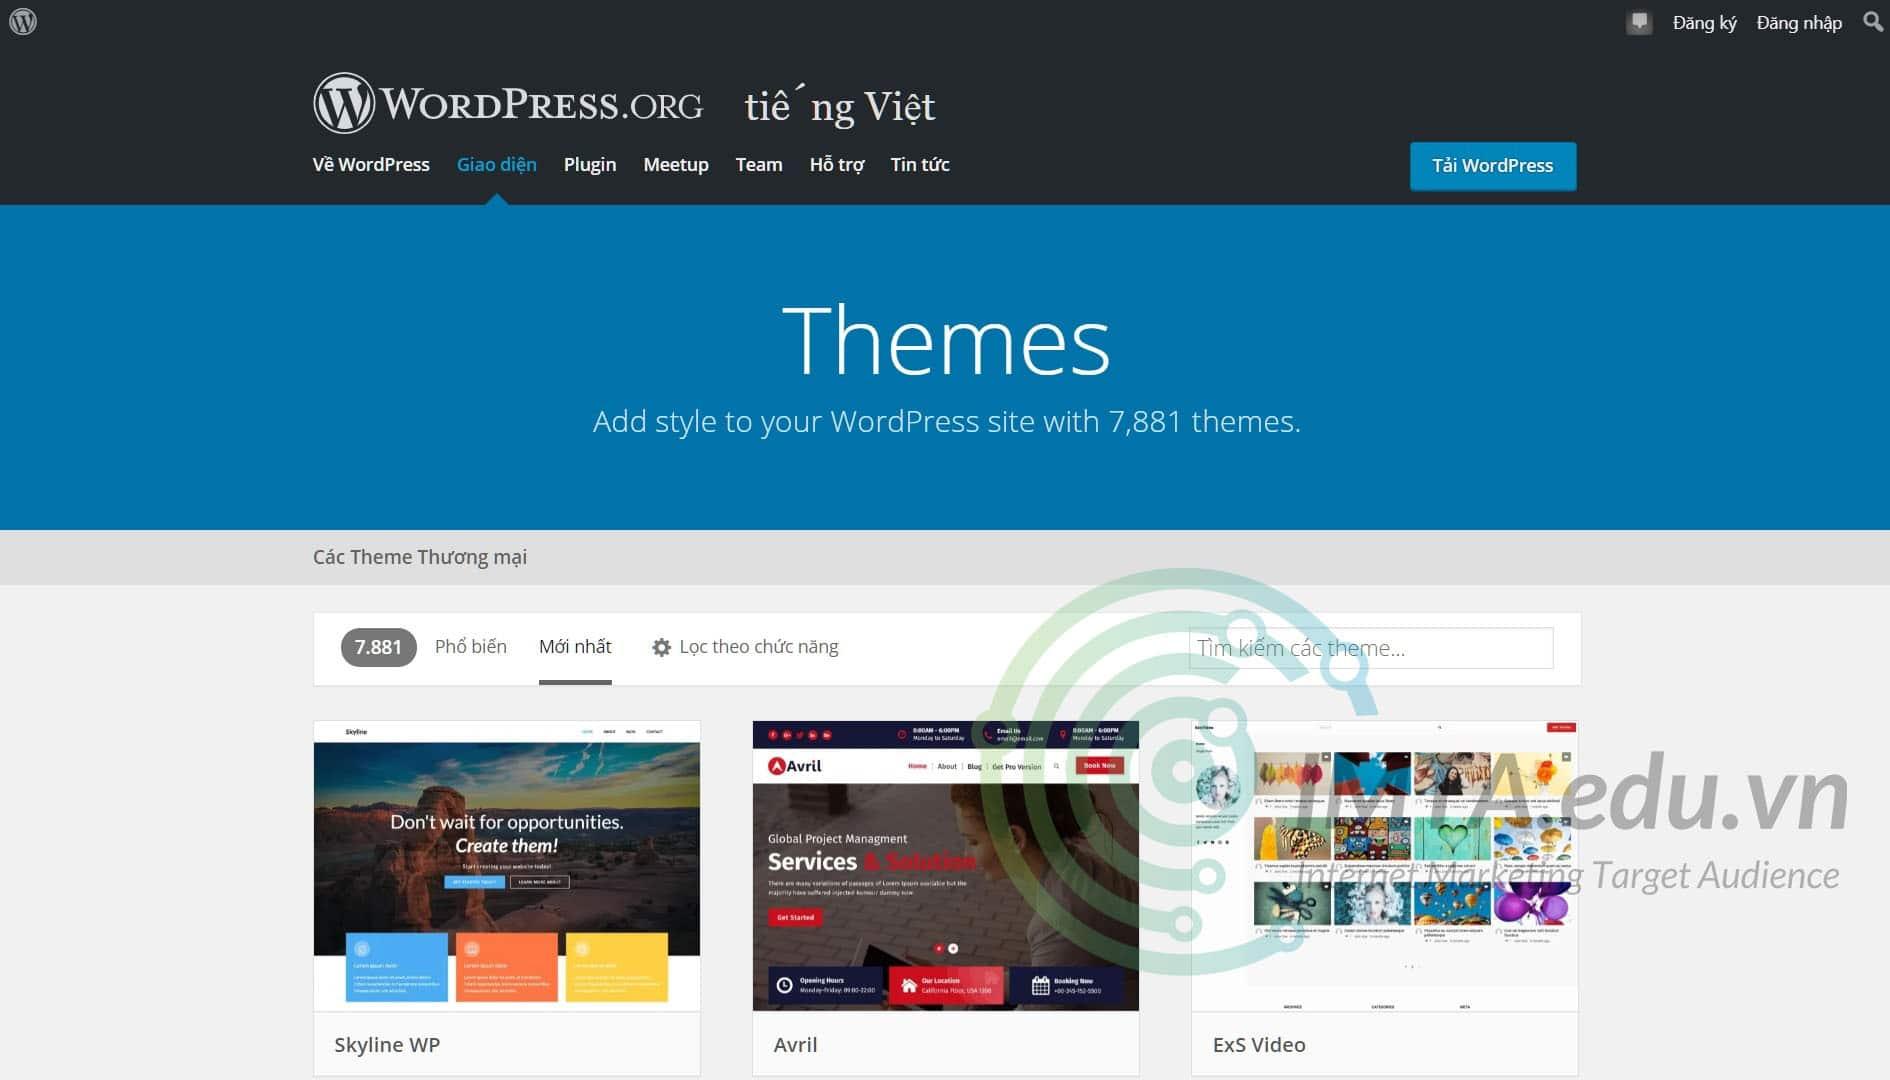 WordPress sở hữu kho theme lớn với đa dạng thể loại